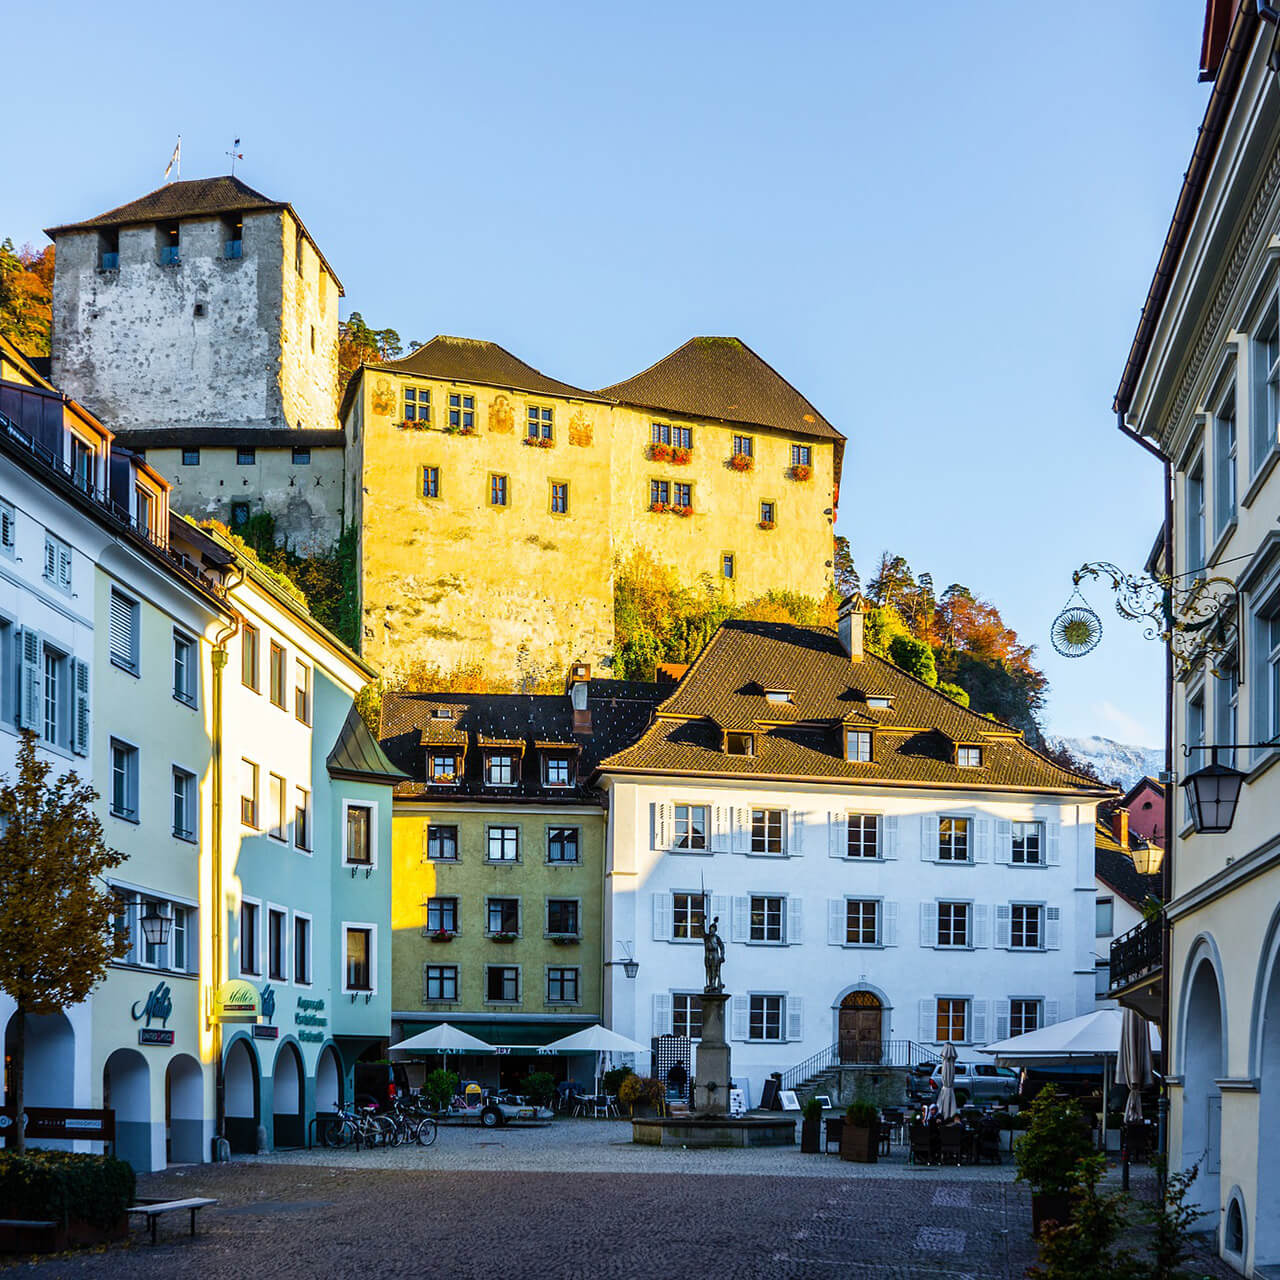 Blick auf die Schattenburg in Feldkirch